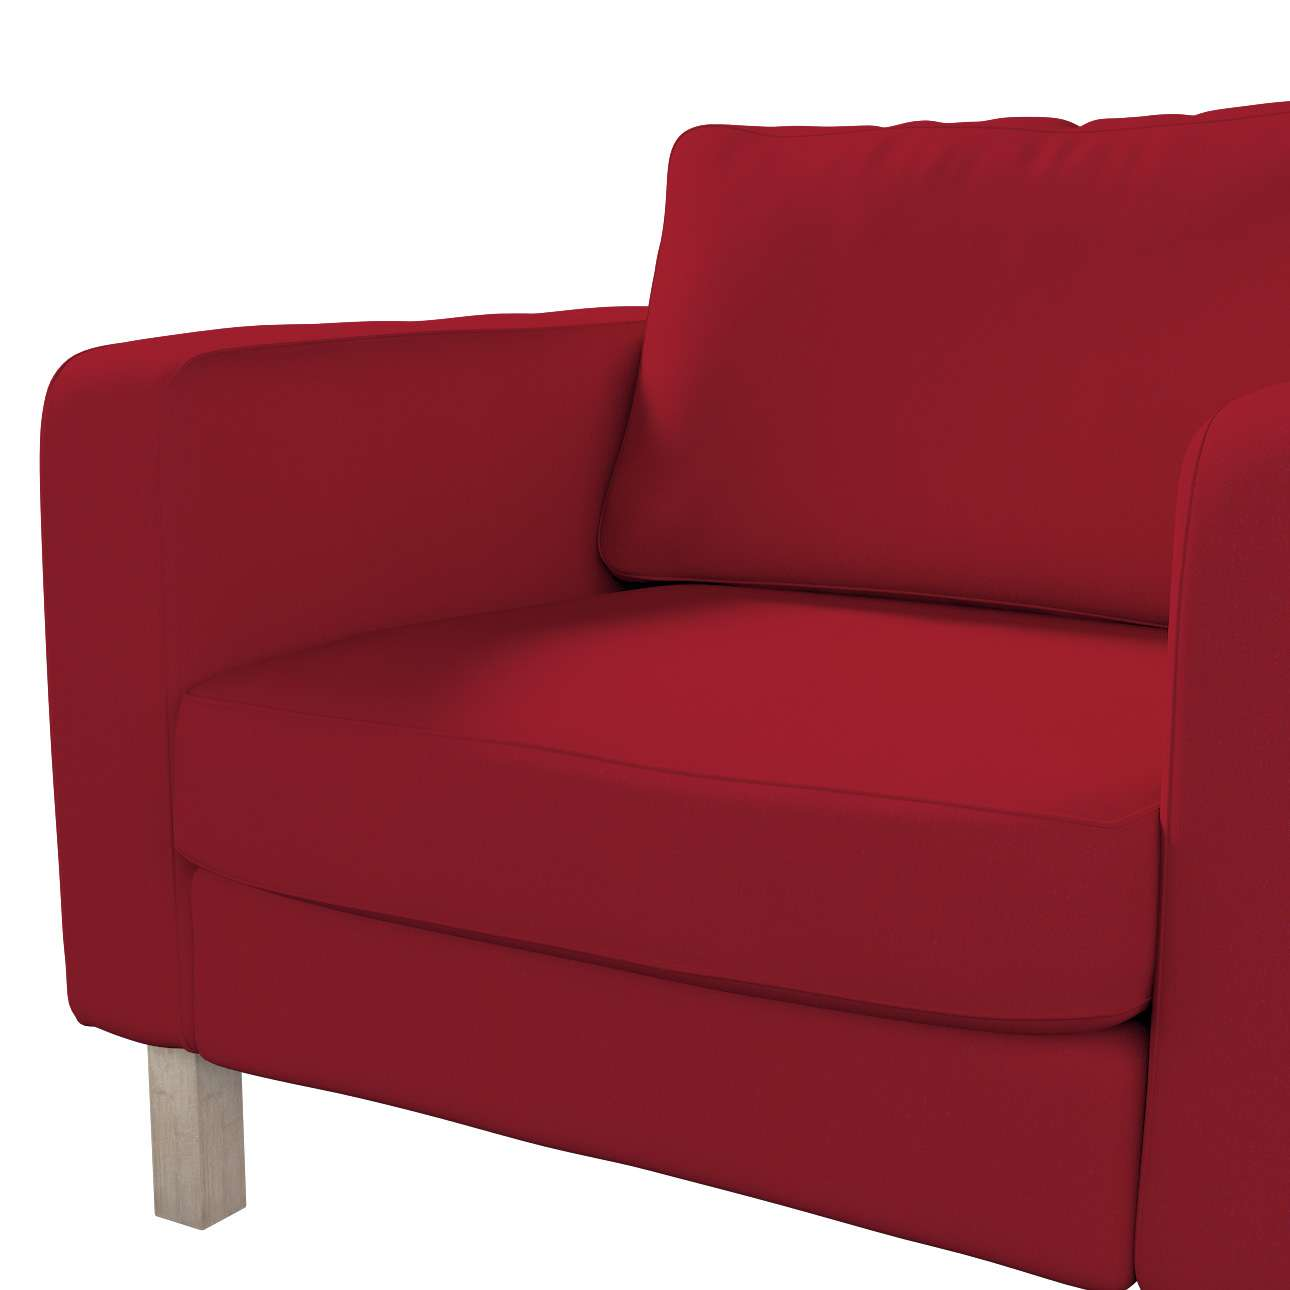 Pokrowiec na fotel Karlstad, krótki w kolekcji Chenille, tkanina: 702-24